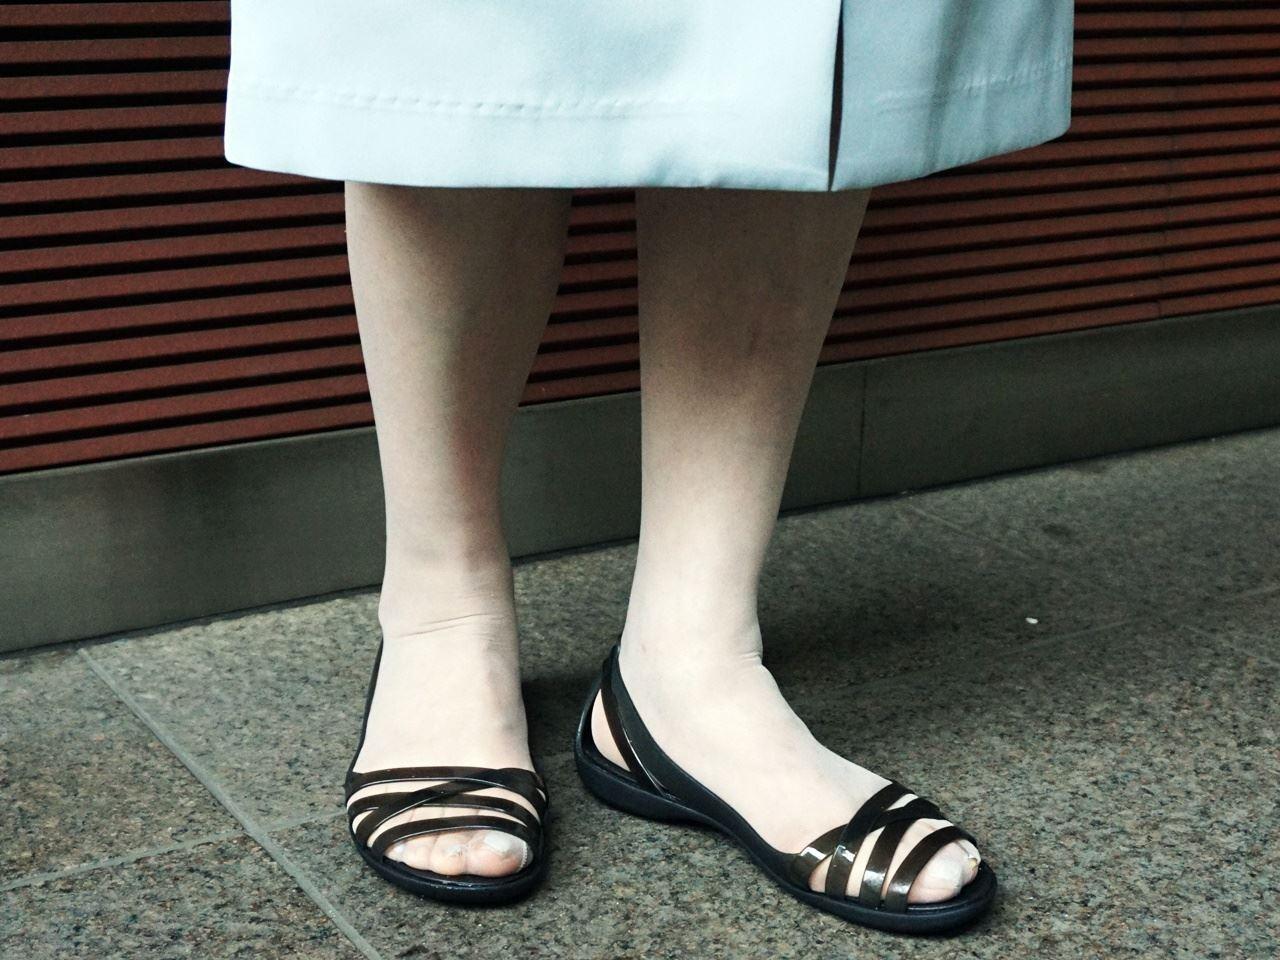 Women's Crocs Isabella Huarache II Flats クロックス イザベラ ワラチェ 2.0 フラット ウィメン